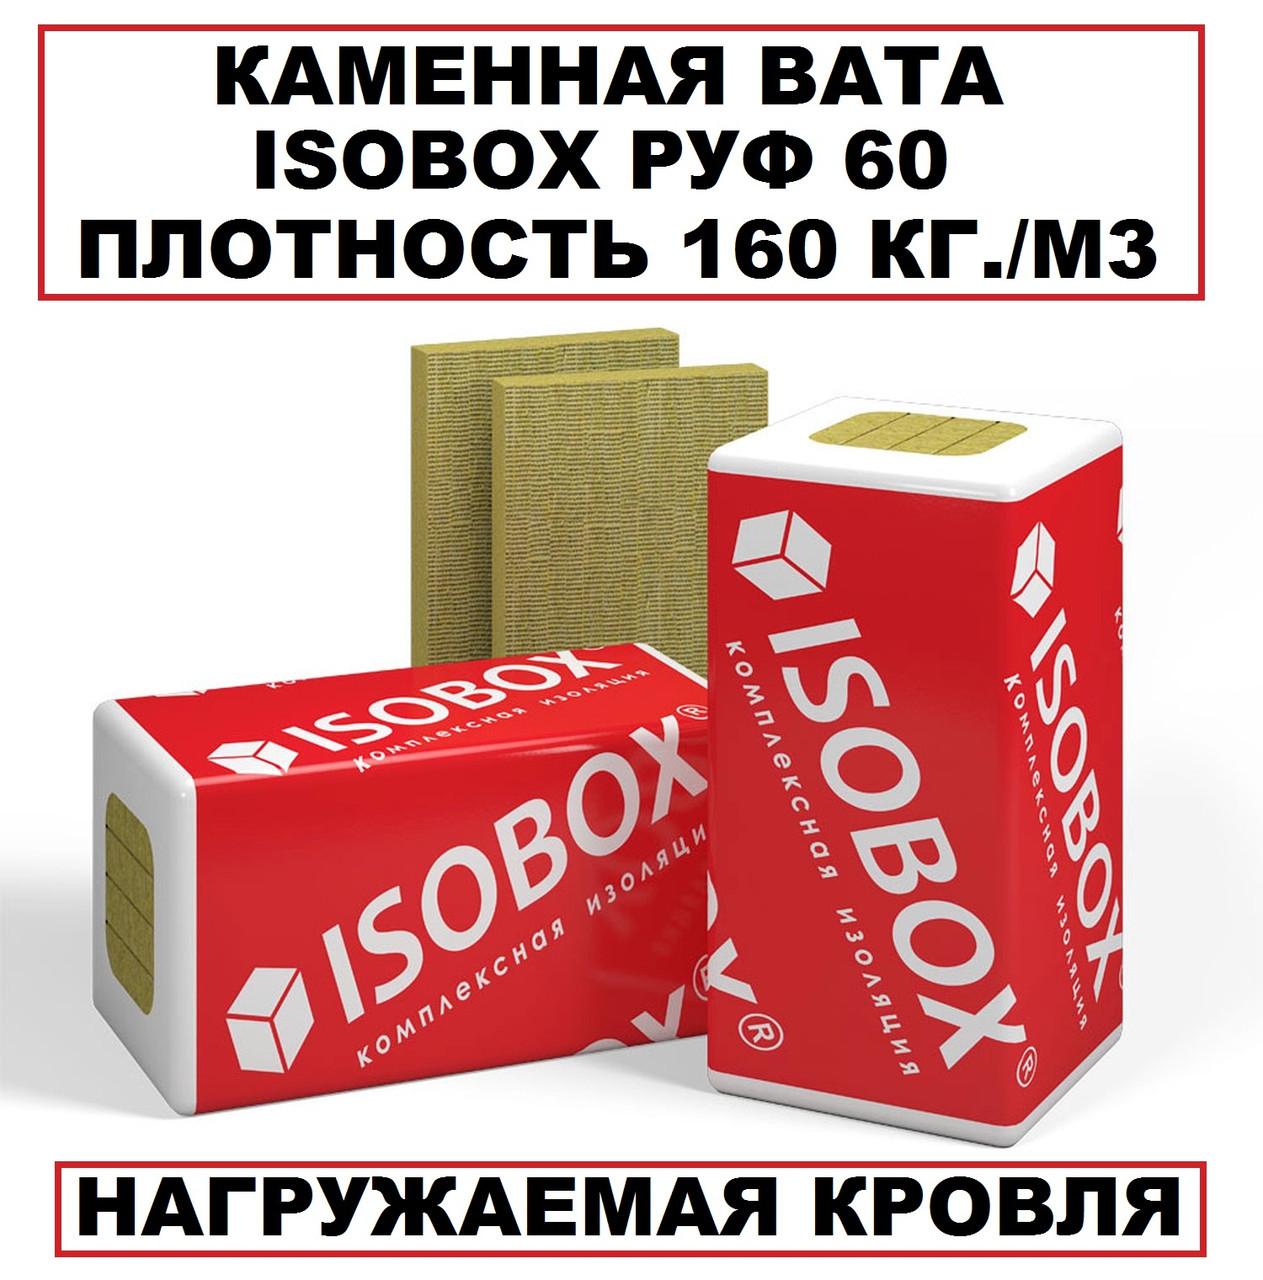 КАМЕННАЯ ВАТА ISOBOX РУФ 60 В АЛМАТЫ